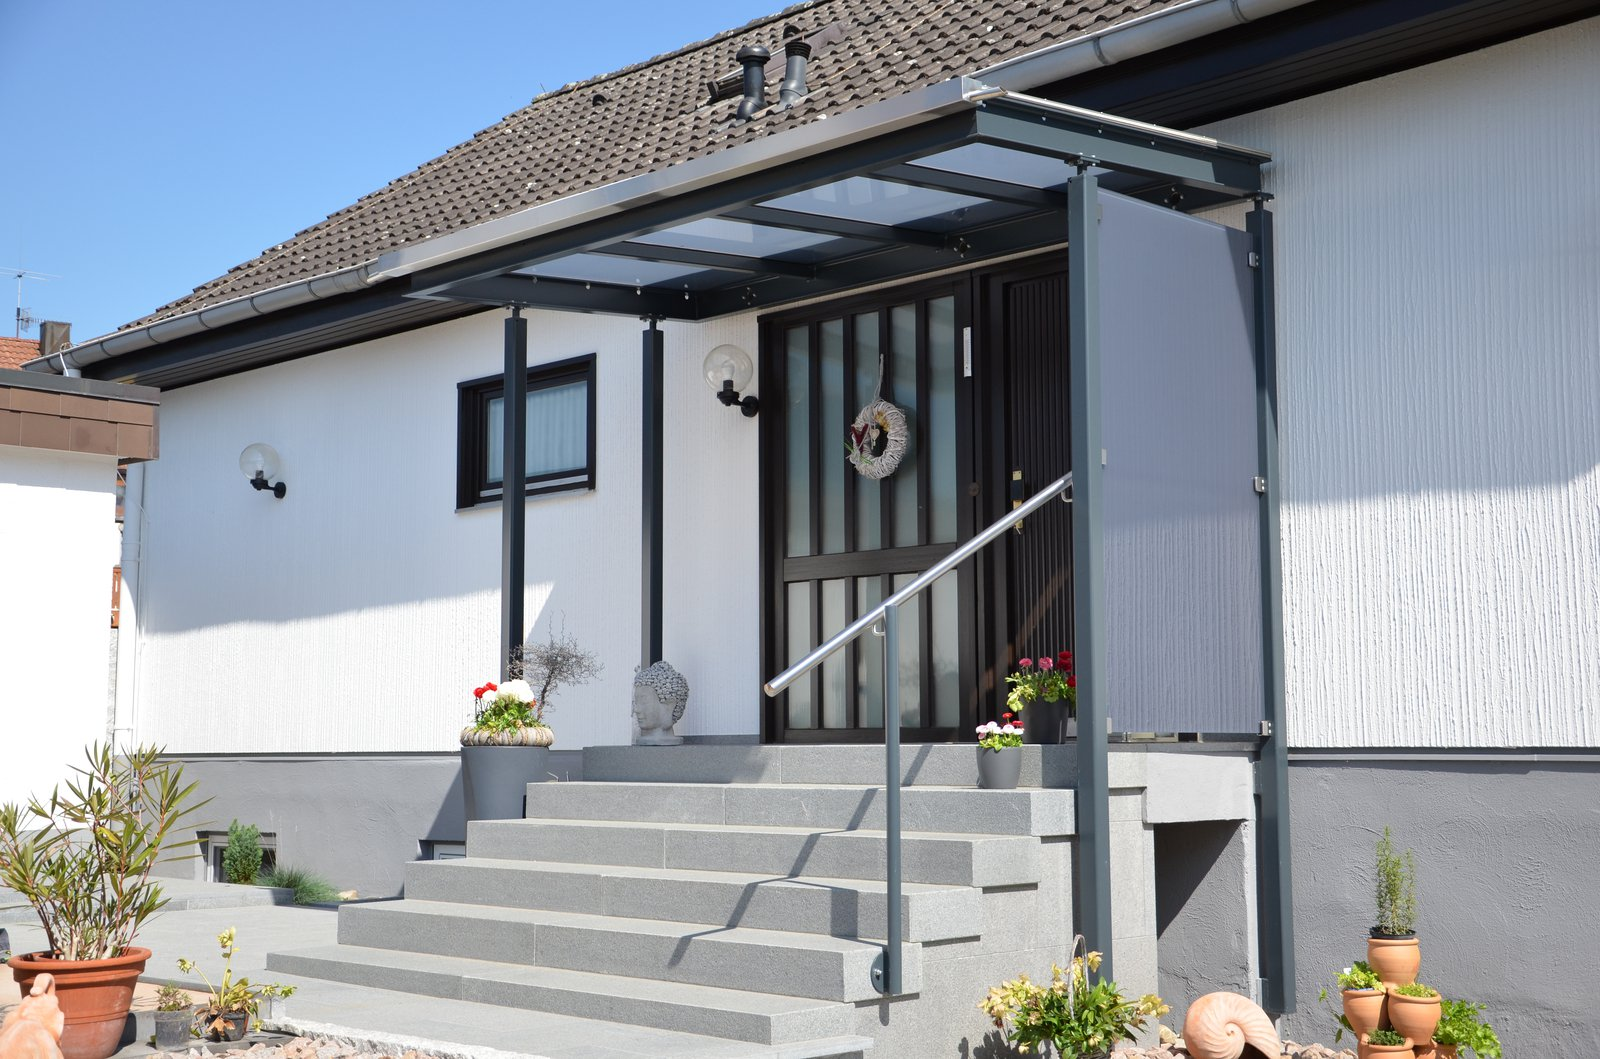 Vordach über Eingang - lackierte Stahlkonstruktion mit Glasauflage ...